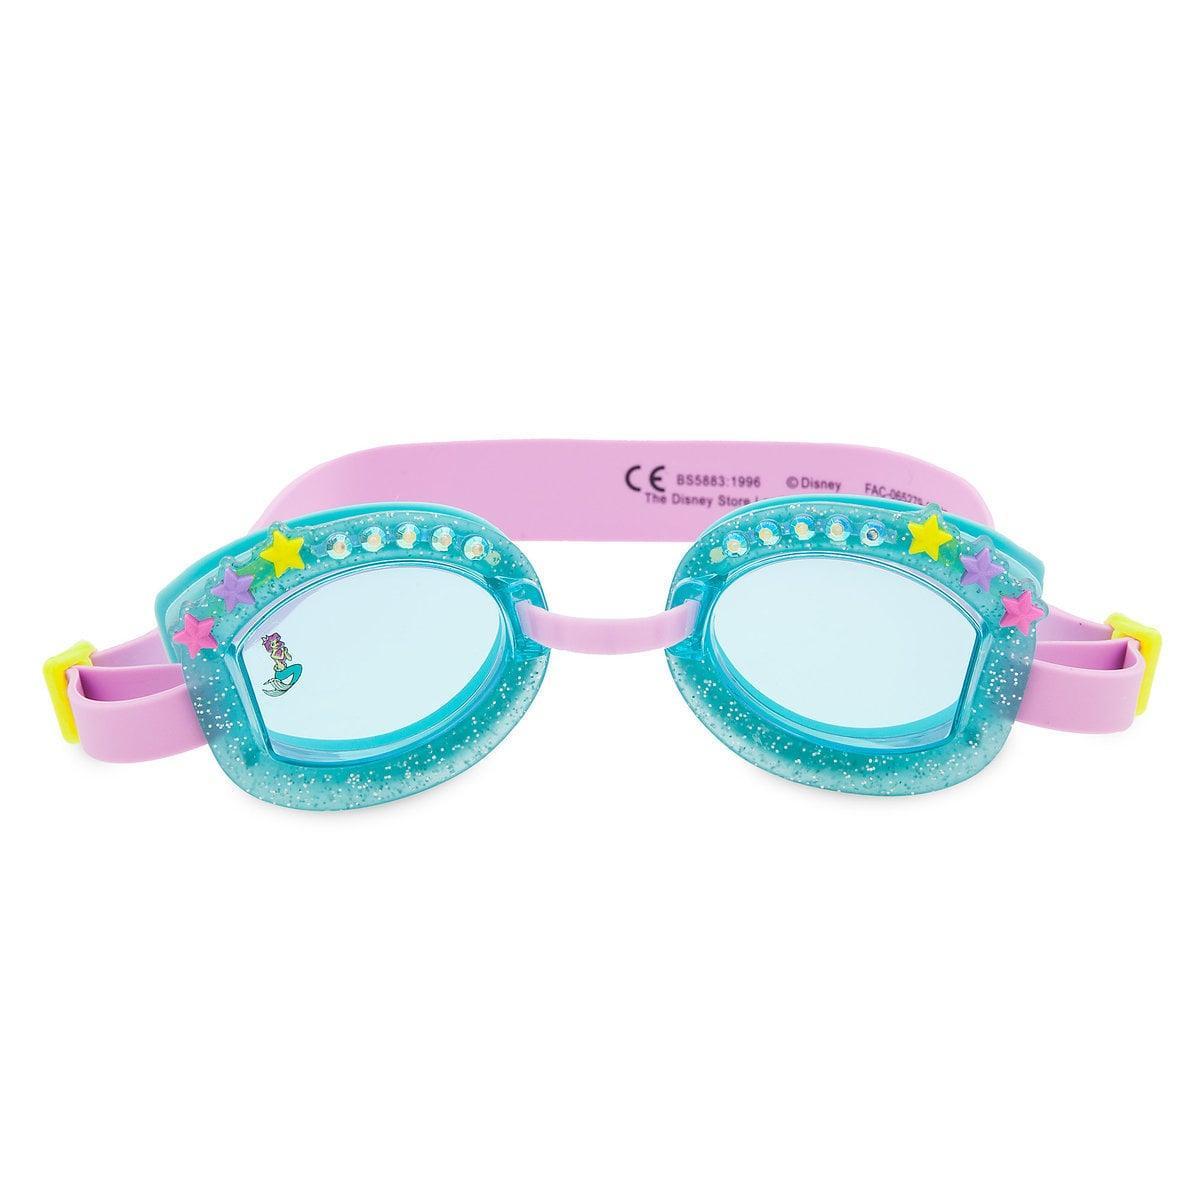 Очки для плавания русалочка Ариель Дисней Disney